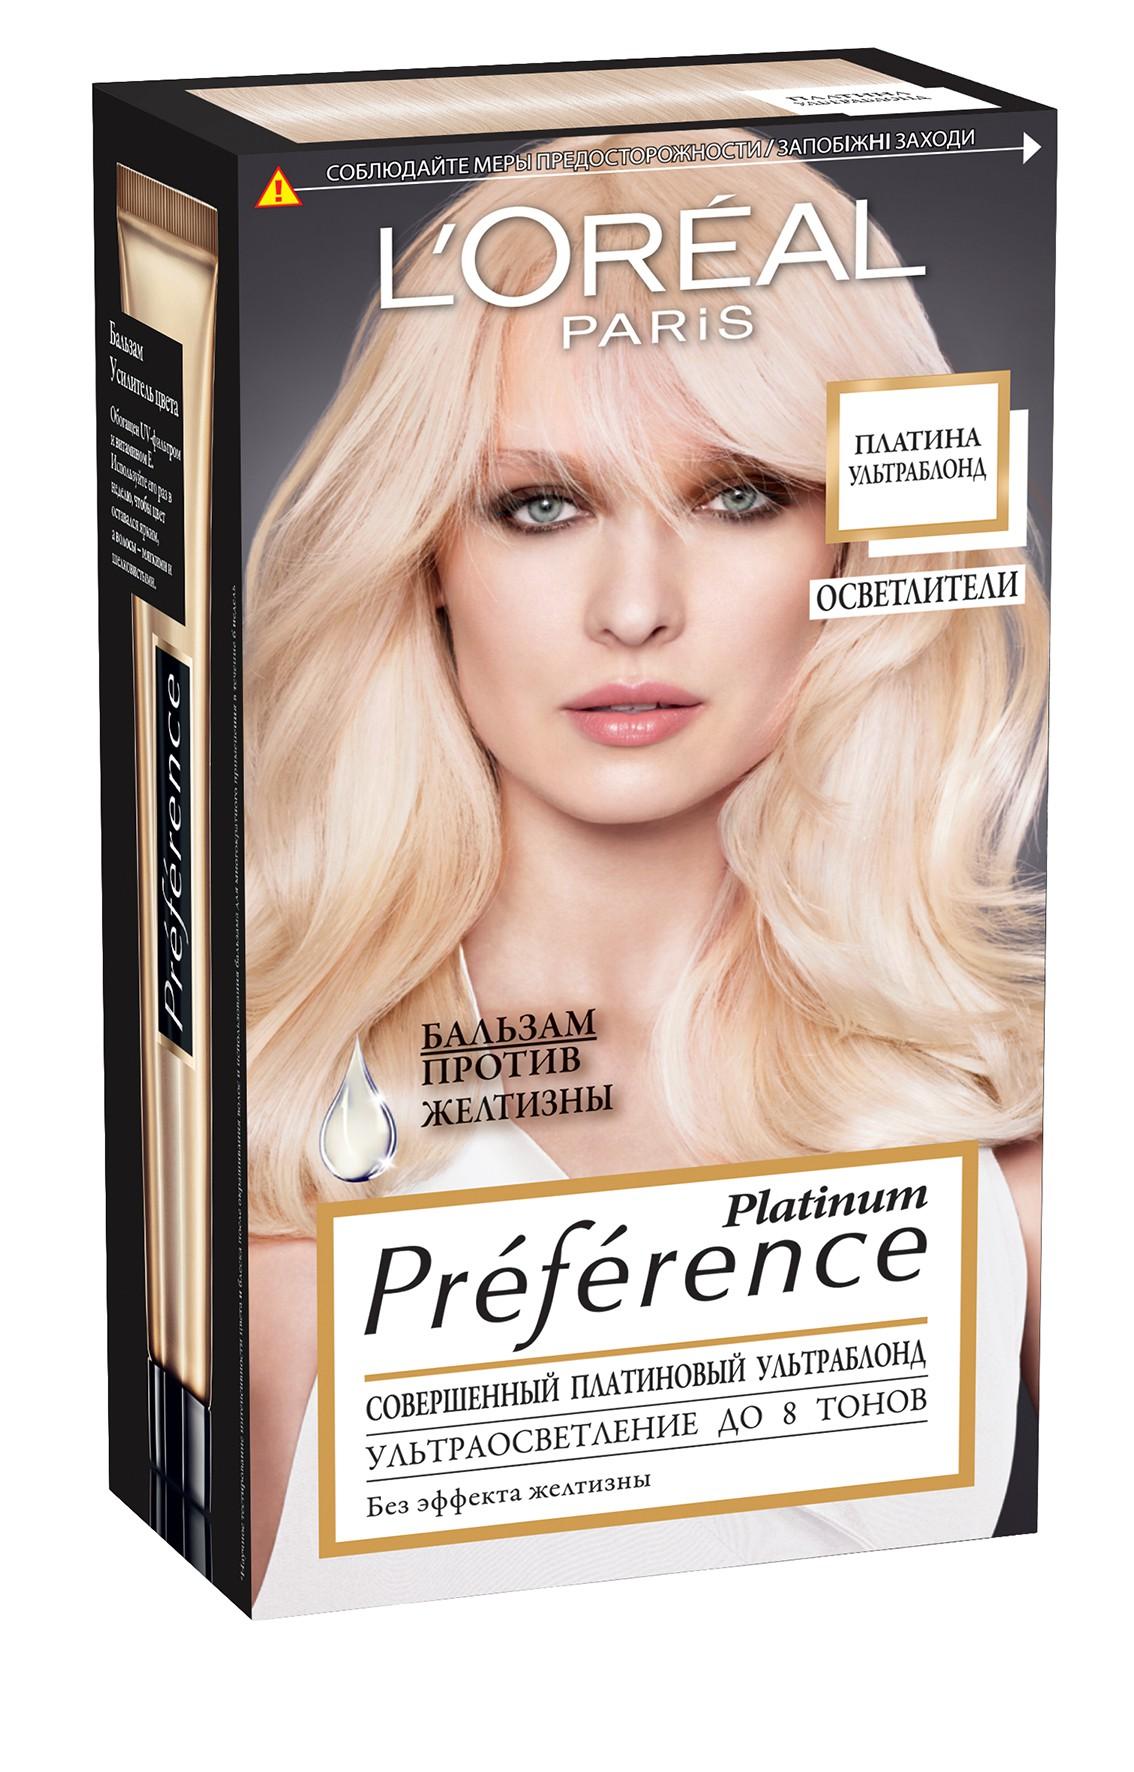 LOreal Paris Стойкая краска для волос Preference, Платина Ультраблонд, 8 тонов осветленияA6737101Последнее поколение средств для достижения совершенного ПЛАТИНОВОГО УЛЬТРАБЛОНДА - краска Preference Platinum от LOreal Paris. Инновационная формула осветляет волосы до 8-ми тонов. Превосходный результат окрашивания волос дома! Бальзам обогащен холодными красителями ПРОТИВ ЖЕЛТИЗНЫ. Комплекс ЭКСТРА-БЛЕСК обеспечивает роскошное сияние надолго! В состав упаковки входит: тюбик с осветляющим кремом (25 мл), флакон с проявляющим кремом (75 мл), упаковка осветляющего порошка (22 г), бальзам против желтизны (54 мл), инструкция по применению, пара перчаток.